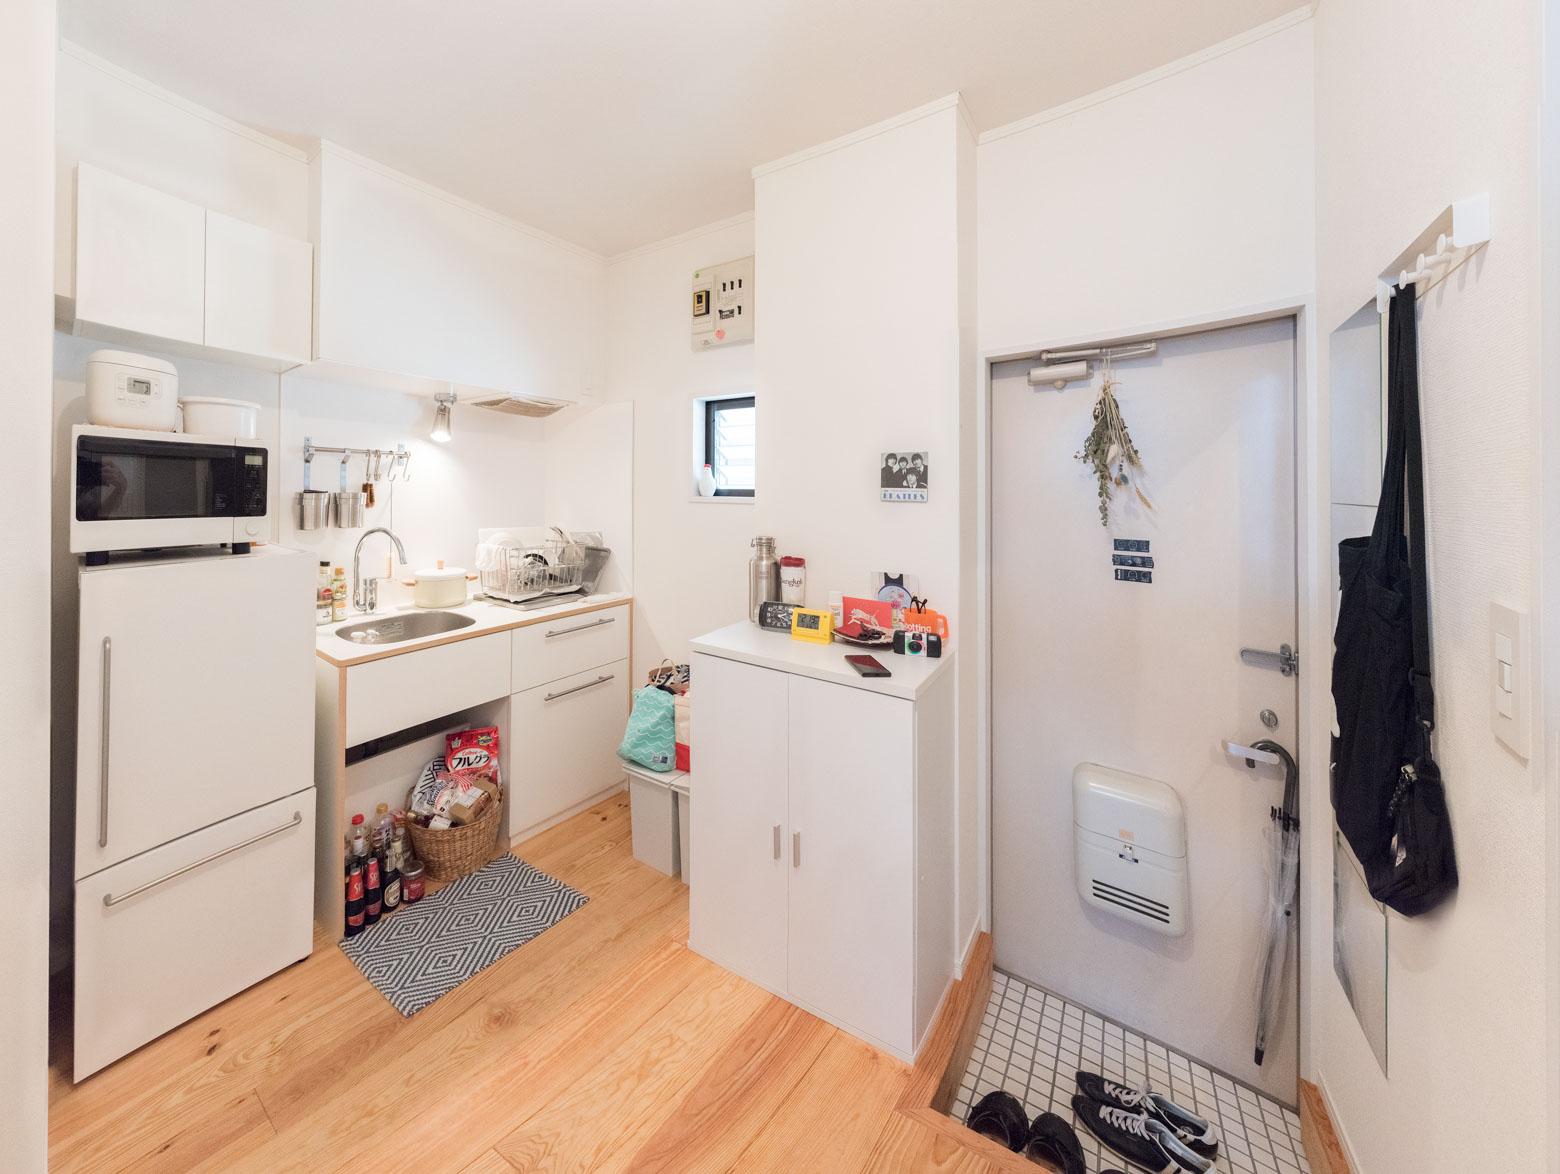 キッチンのようす。ちゃんと使われてる感があって、それでもすっきりと整頓されてるのがすばらしいな、見習いたいな、と思った。